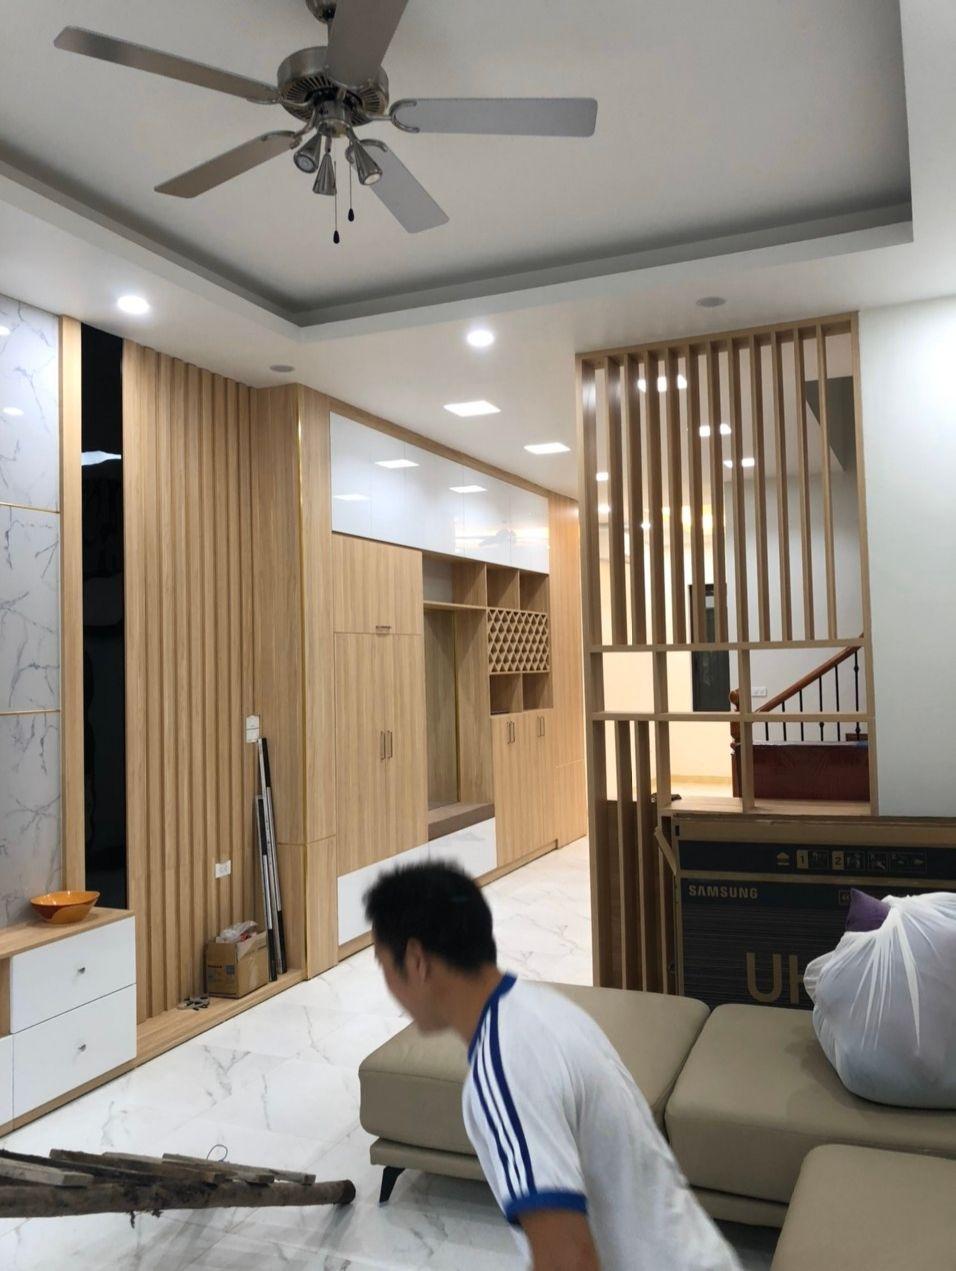 Thi công nội thất nhà phố tại Hoàng Mai, Hà Nội